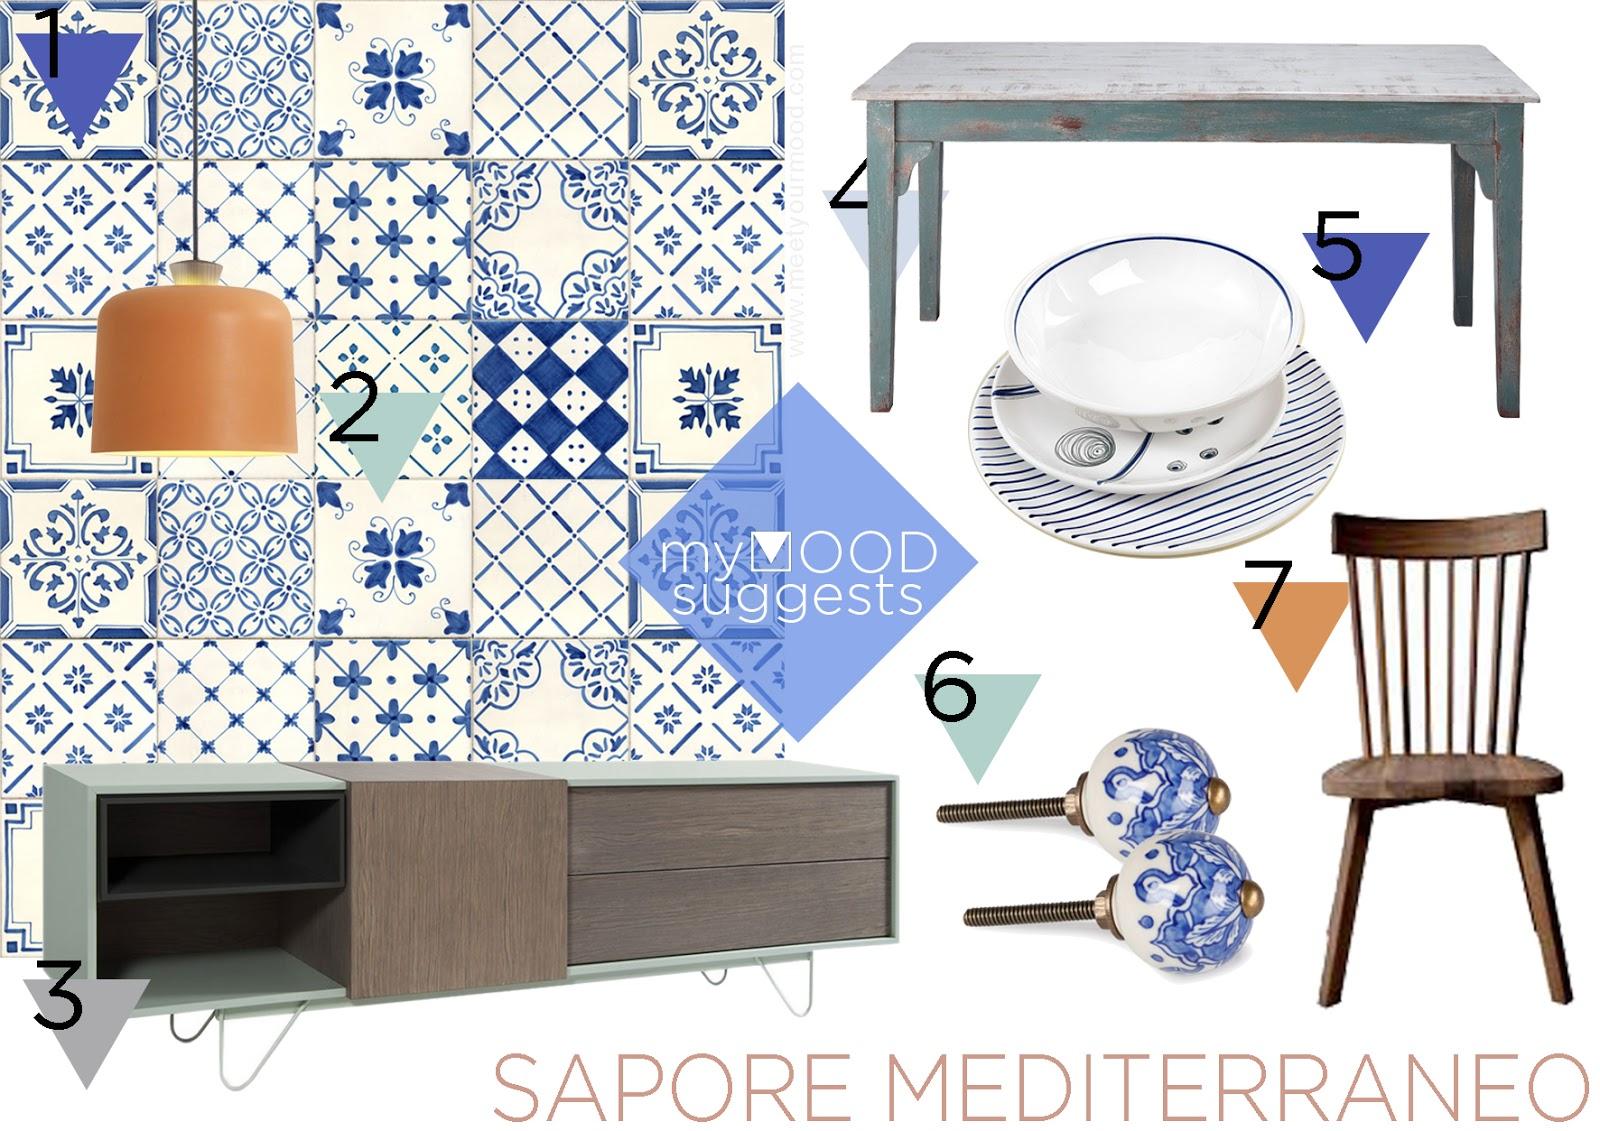 Piastrelle Decorate Stock   Piastrelle Decorate Spagnole Ceramic ...